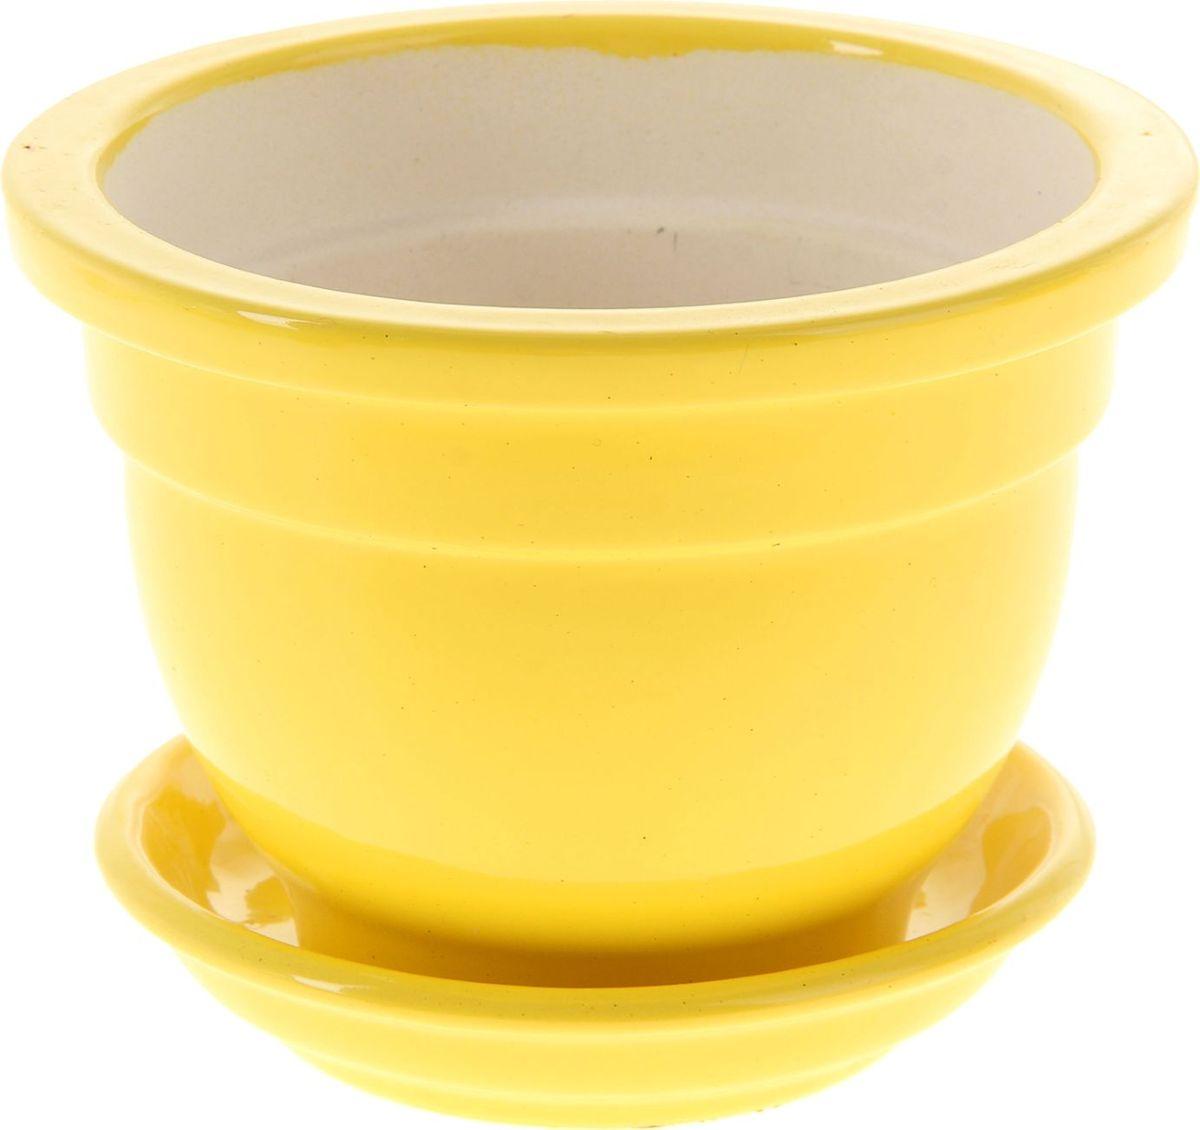 Кашпо Керамика ручной работы Бета, для фиалок, цвет: желтый, 0,5 л1019407Комнатные растения - всеобщие любимцы. Они радуют глаз, насыщают помещение кислородом и украшают пространство. Каждому из них необходим свой удобный и красивый дом. Кашпо из керамики прекрасно подходят для высадки растений: за счет пластичности глины и разных способов обработки существует великое множество форм и дизайнов. Пористый материал позволяет испаряться лишней влаге воздух, необходимый для дыхания корней.